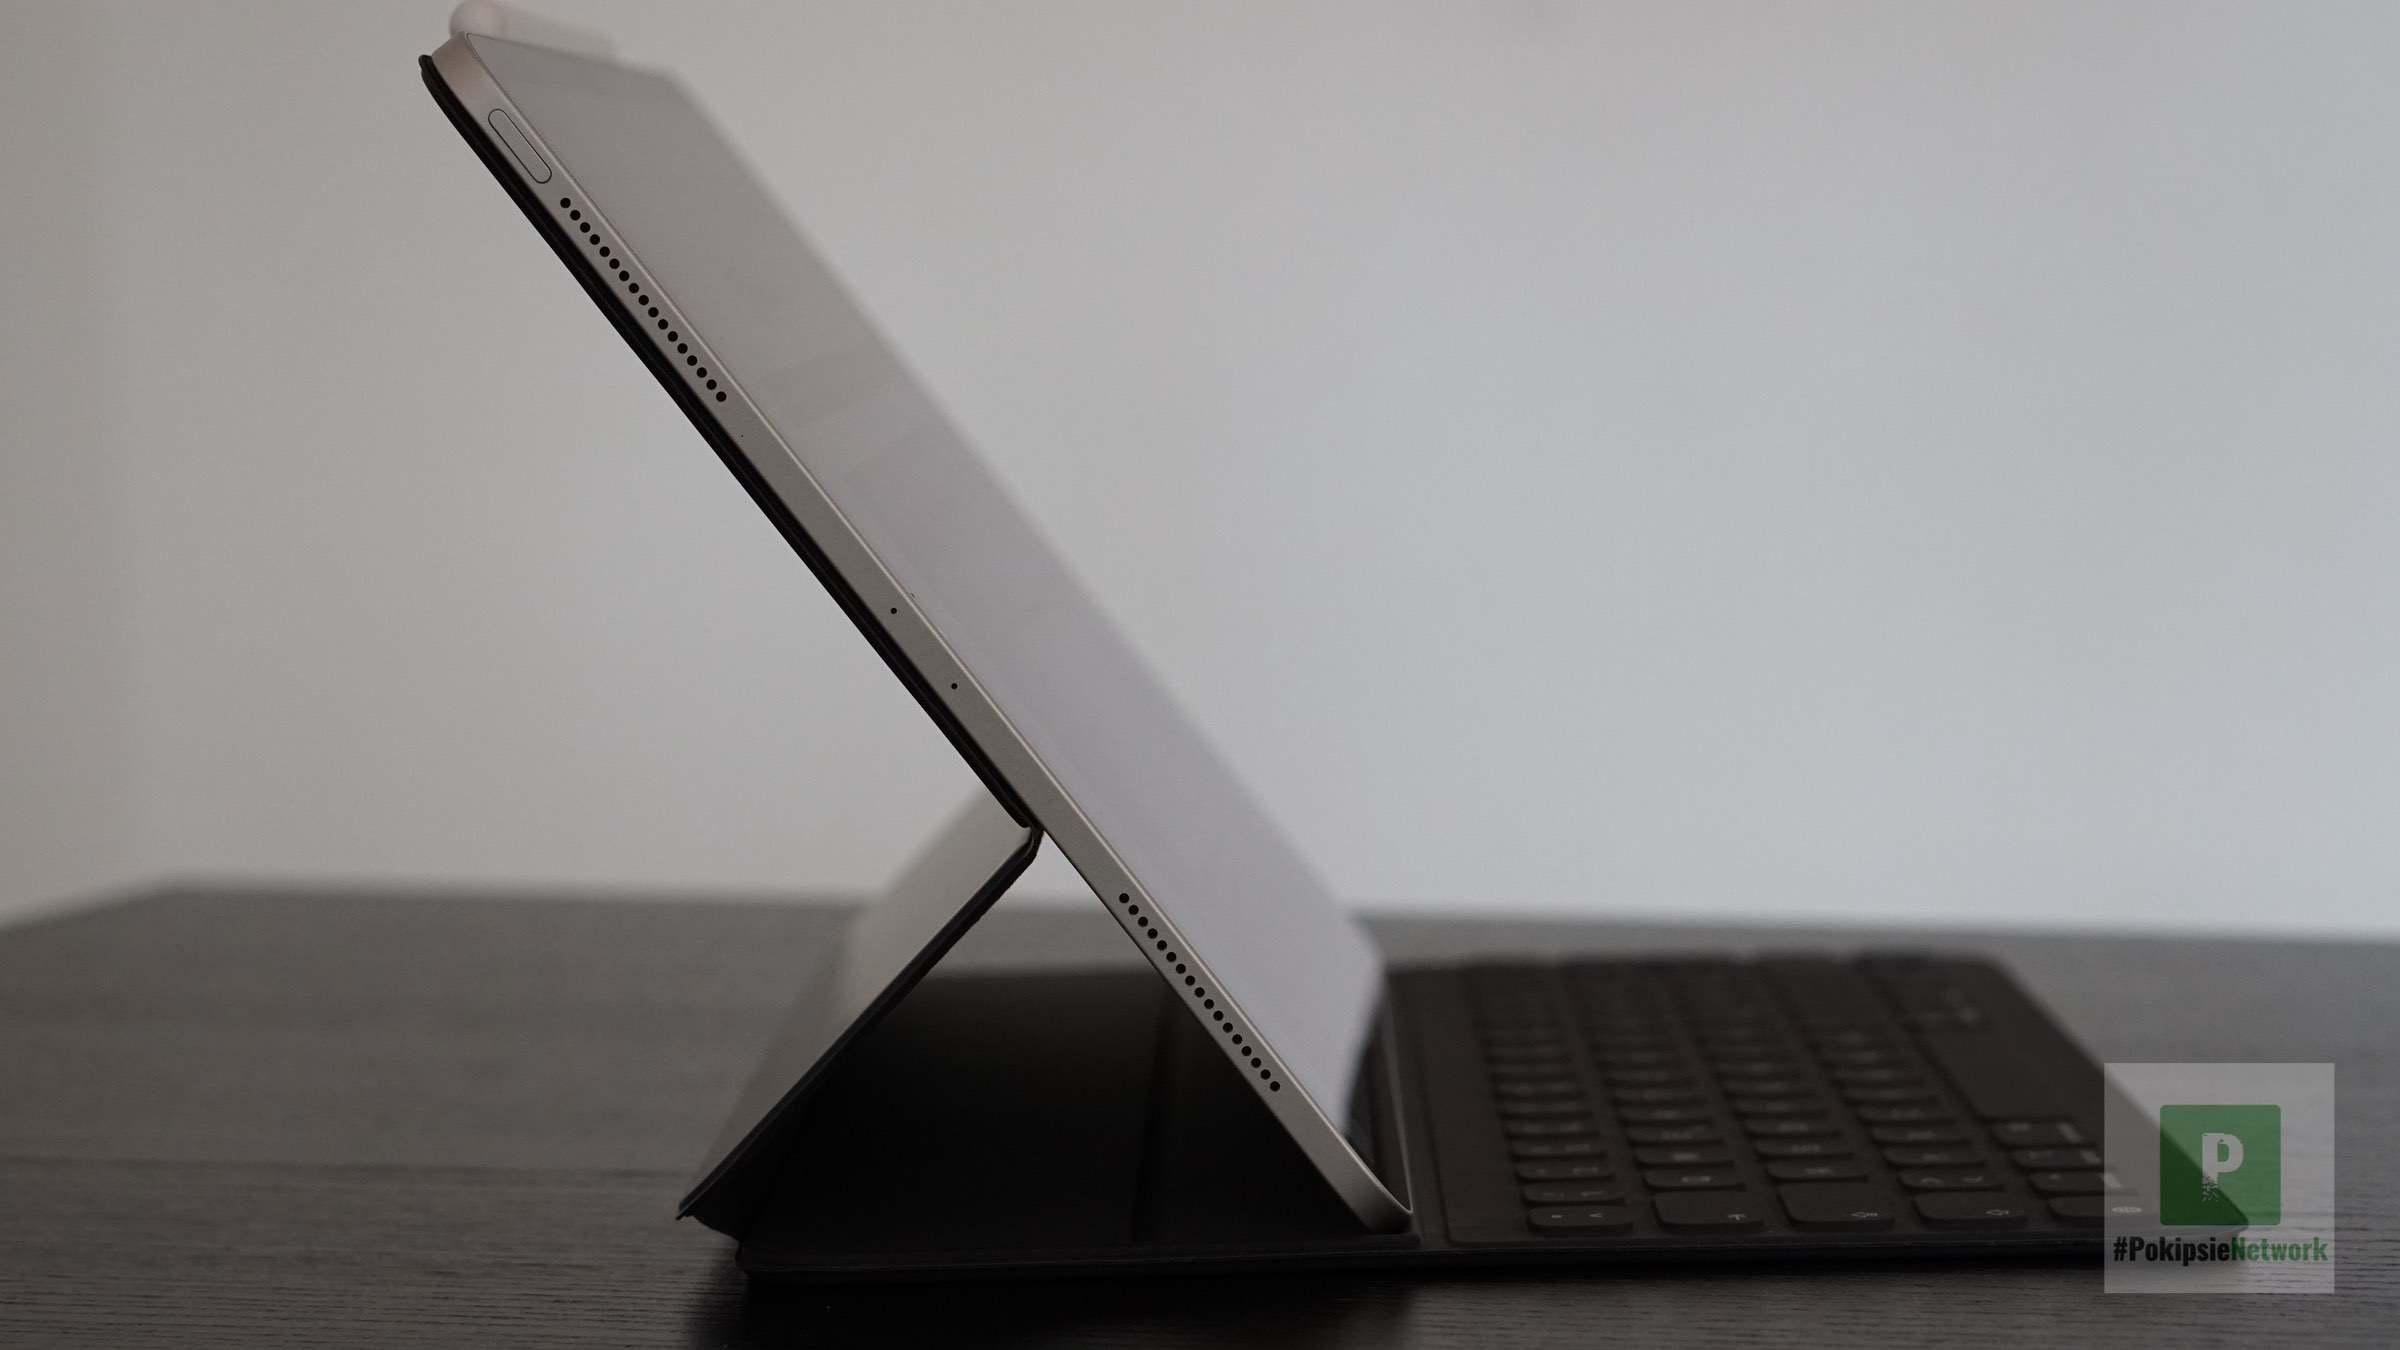 Die seitliche Ansicht vom Keyboard in der flacheren Position